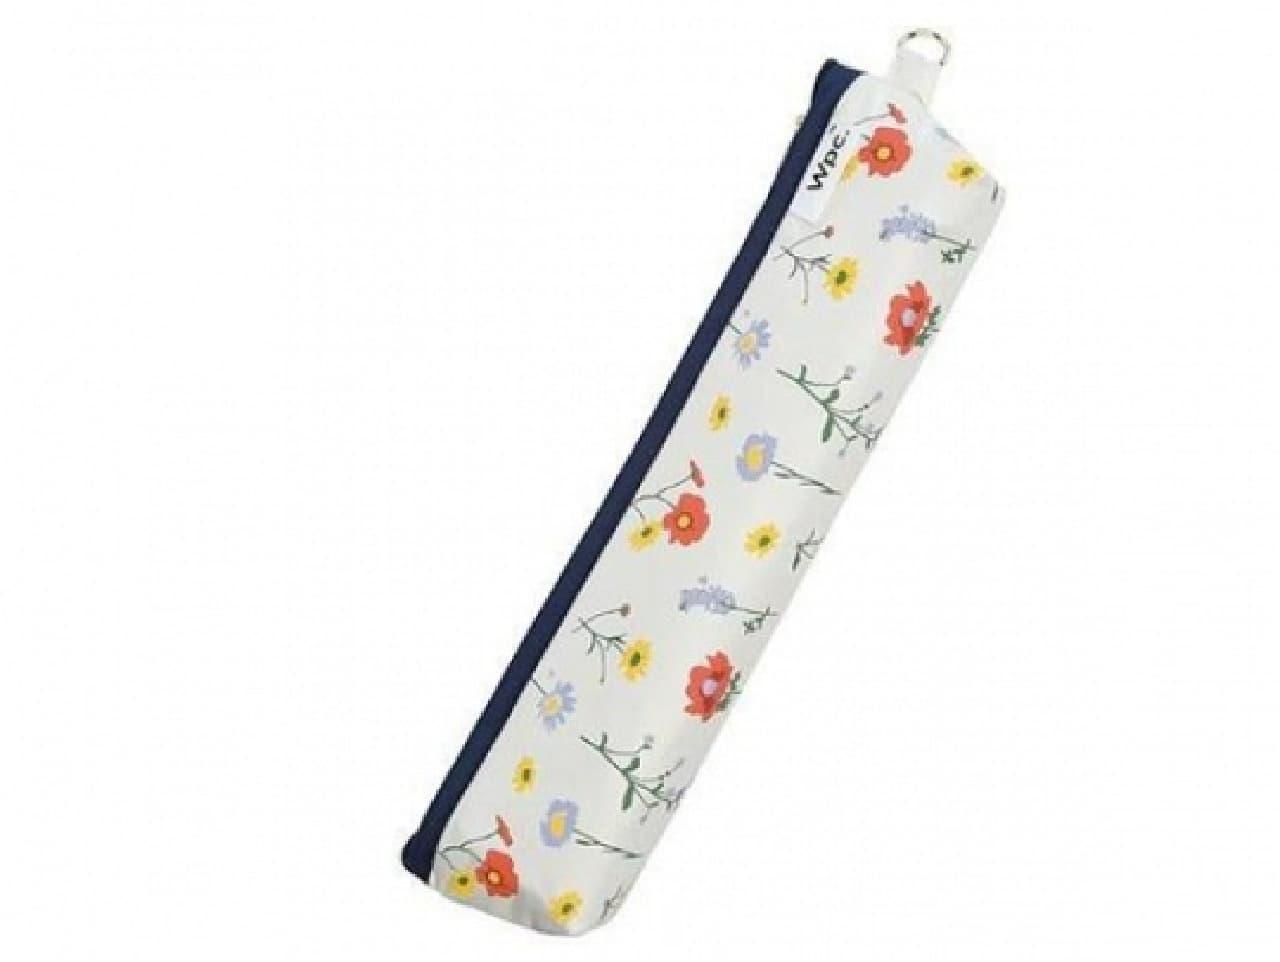 ロフト限定Wpc.軽量遮光遮熱折り畳み傘